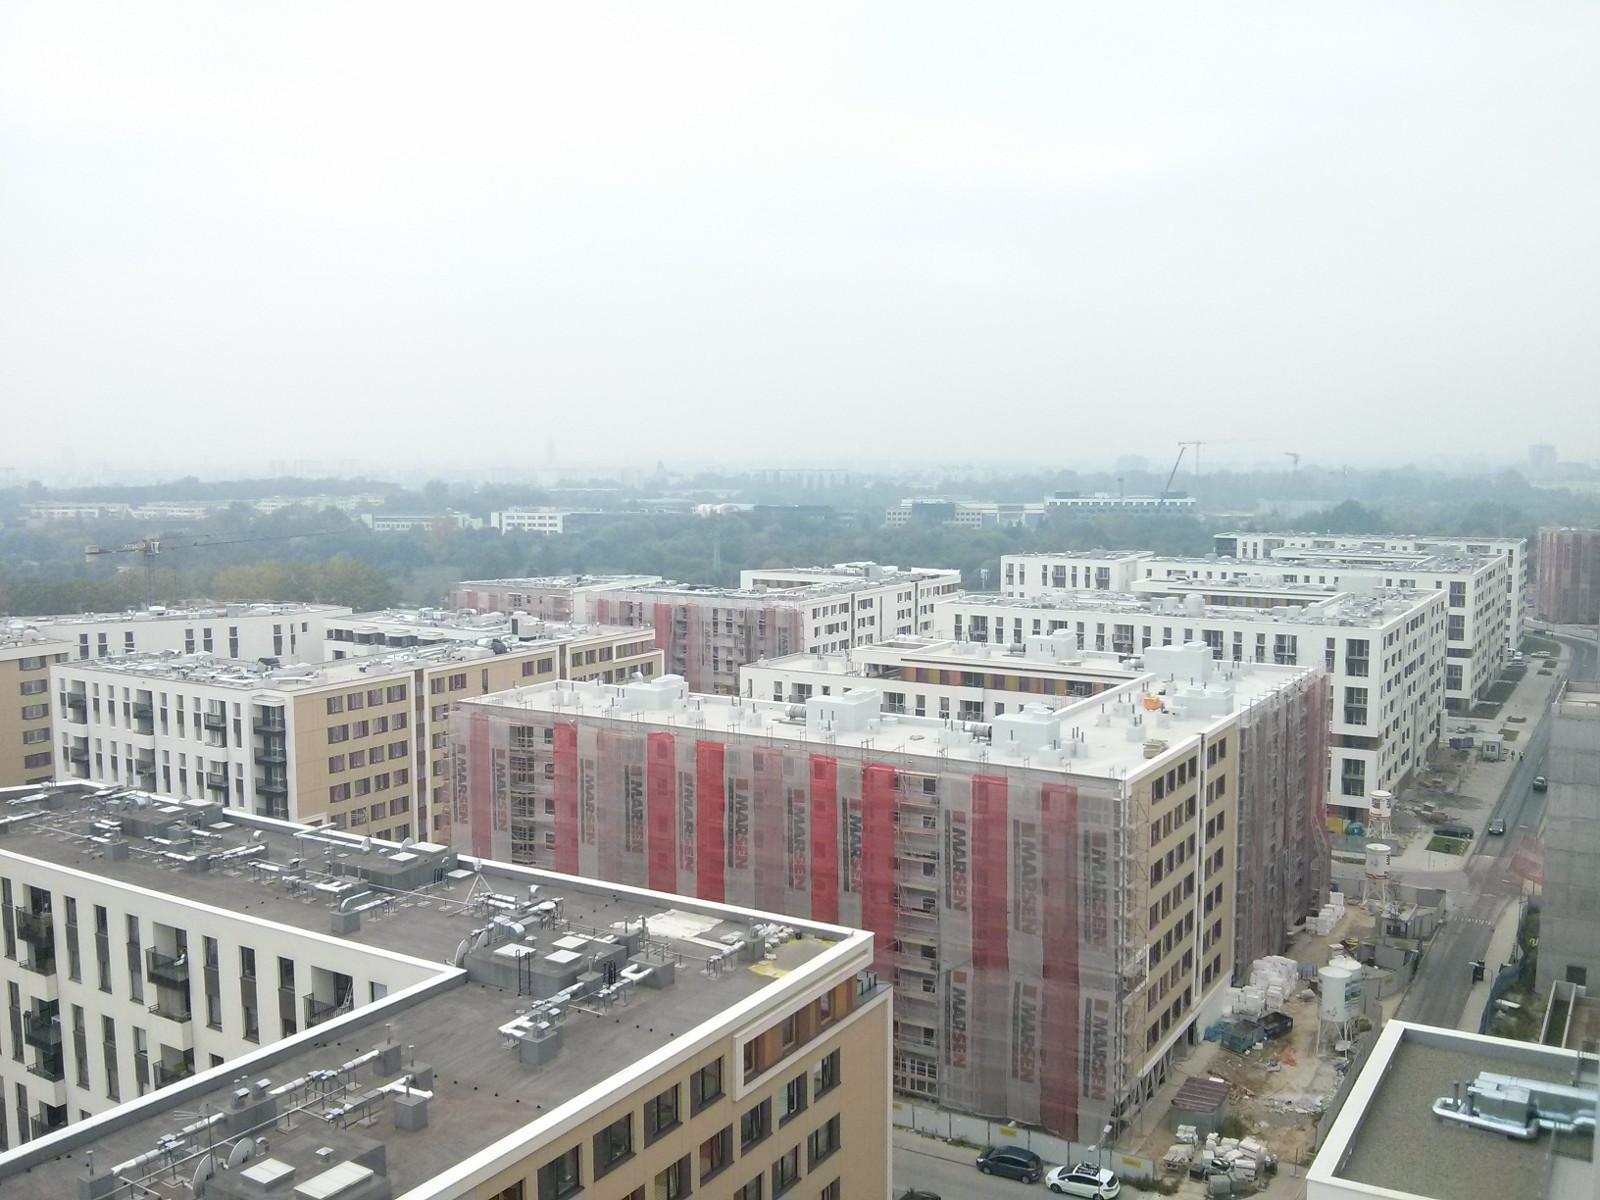 Osiedle Avia 2 - widok z mieszkań na najwyższych piętrach